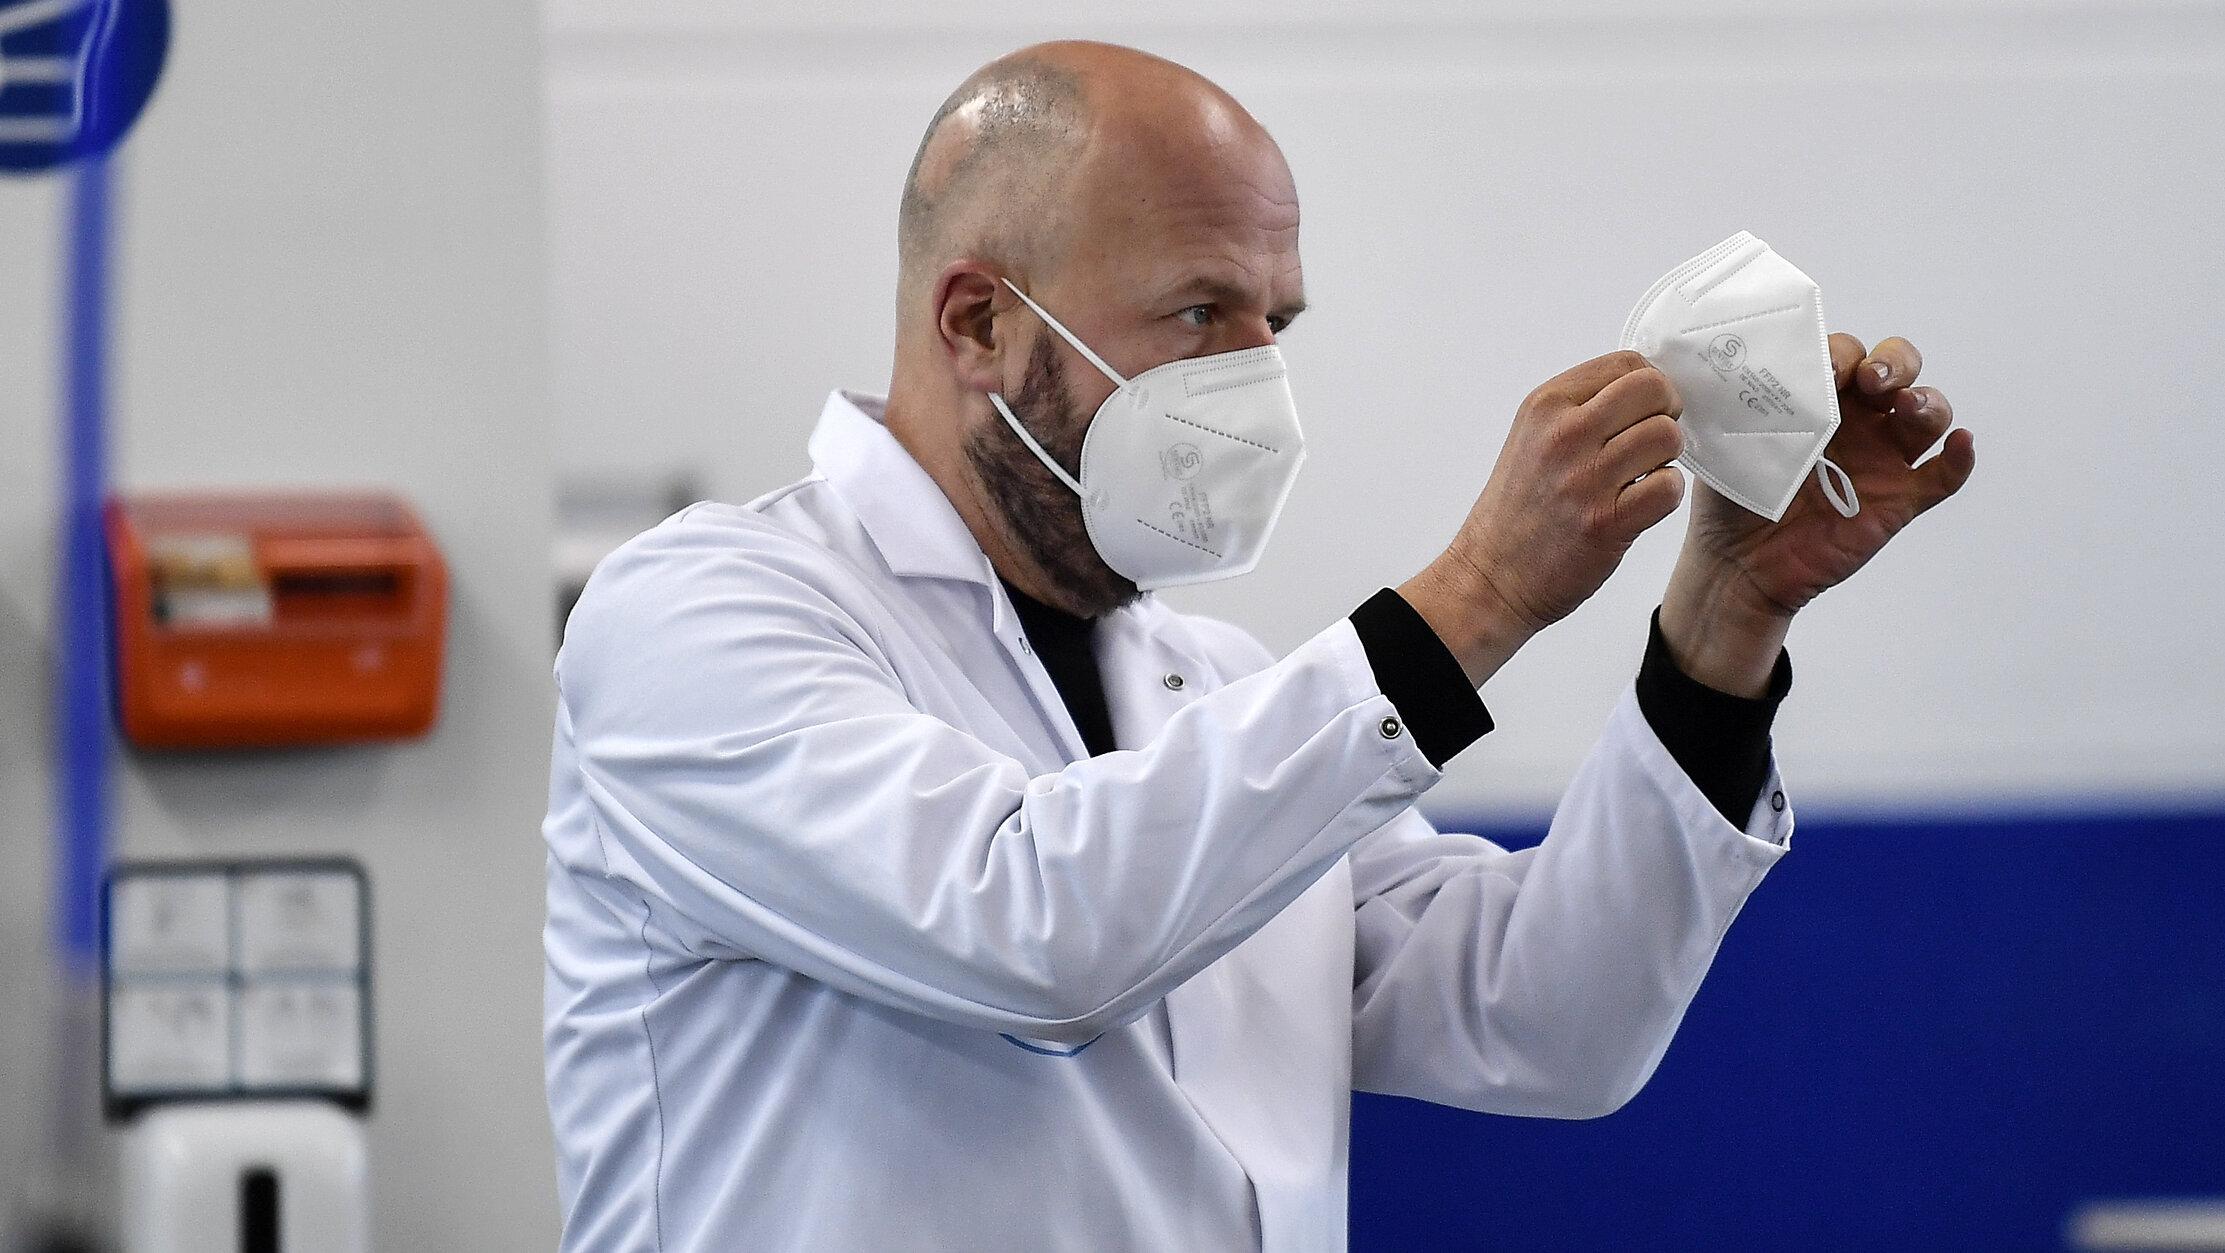 Masca nu are un impact semnificativ asupra evoluției epidemiei, arată un nou studiu realizat în SUA